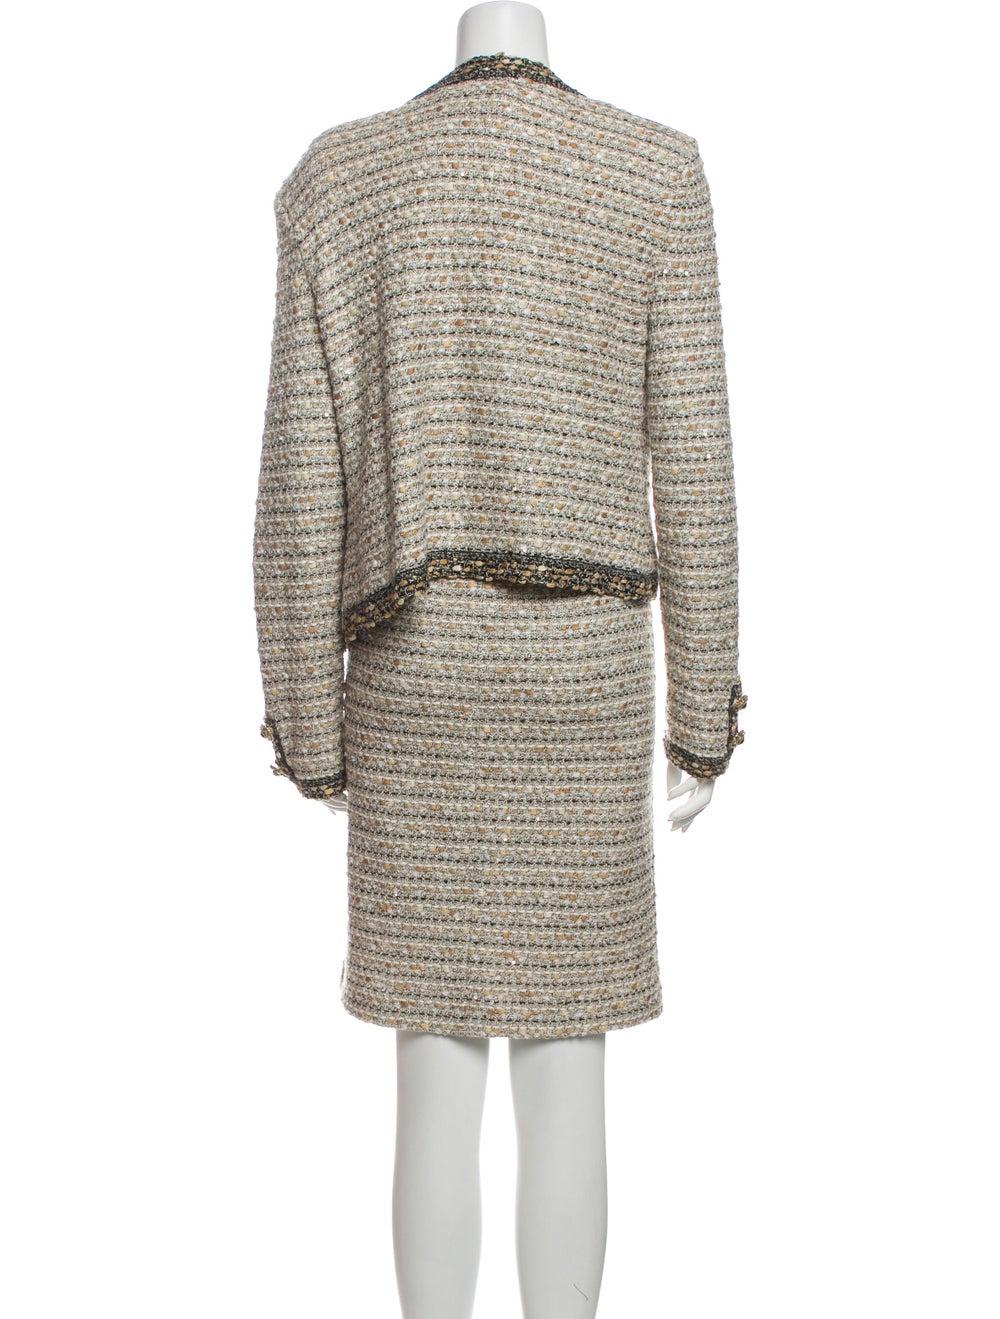 St. John Tweed Pattern Dress Set - image 3